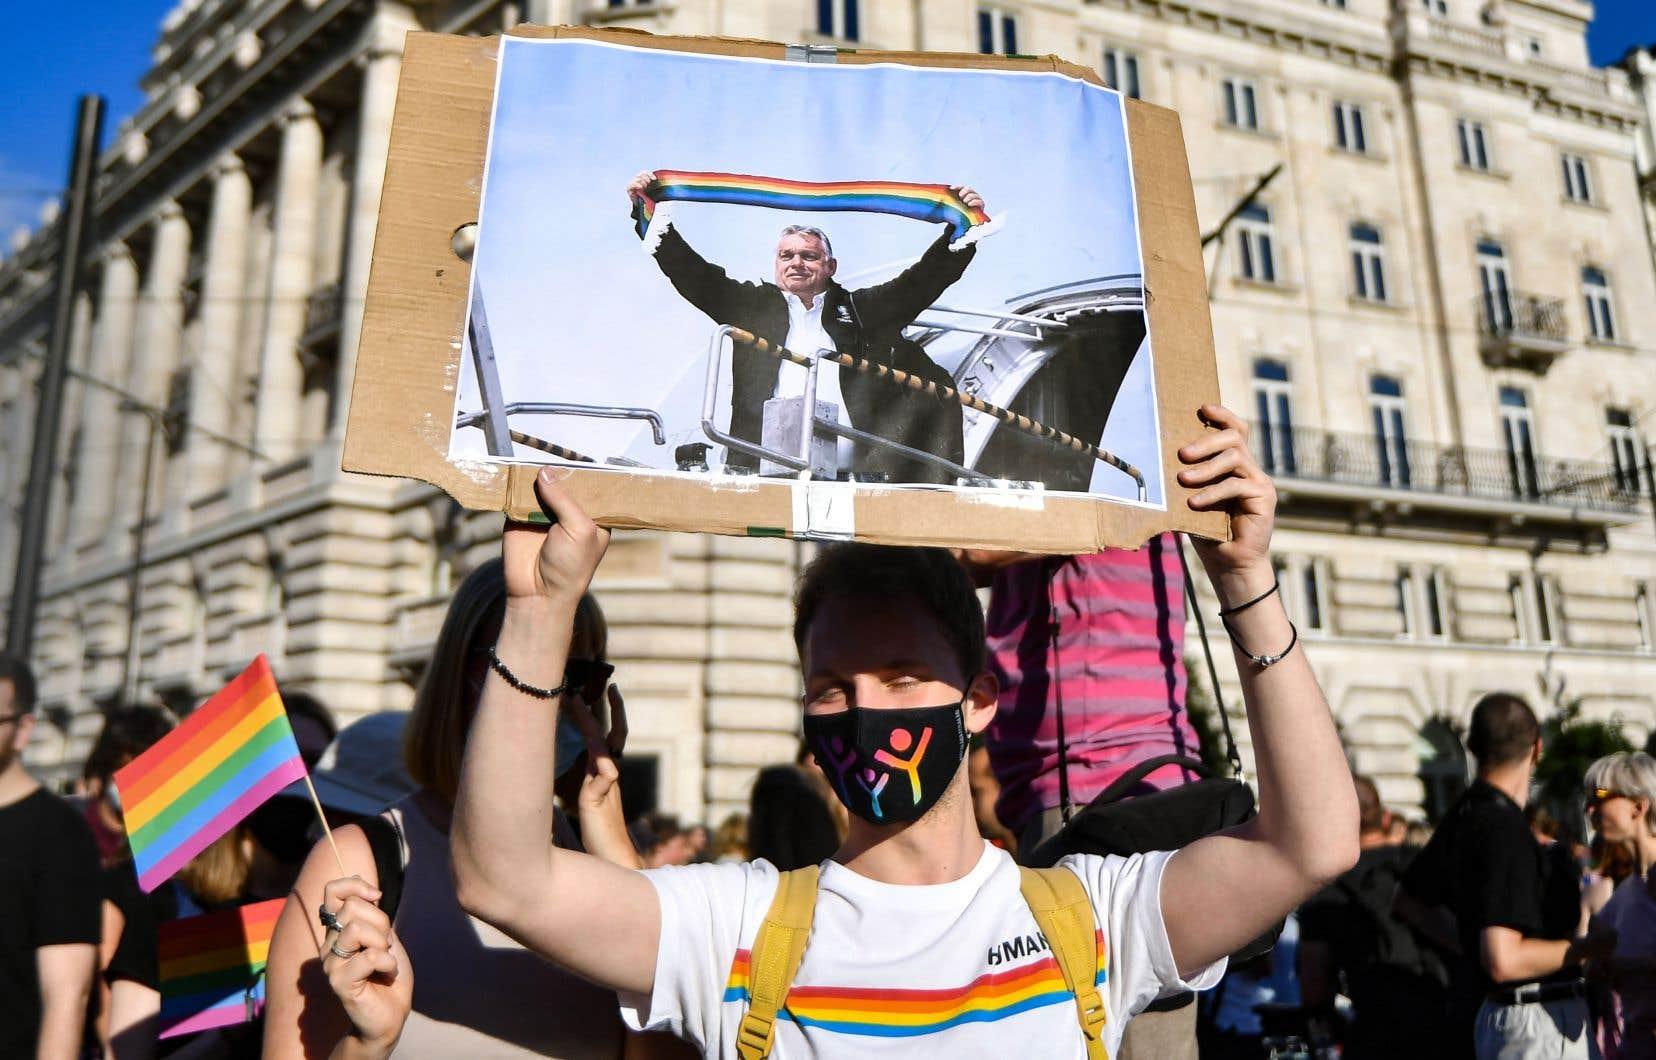 Des milliers de personnes étaient descendues lundi soir dans les rues de Budapest pour fustiger les «cruelles campagnes politiques» du pouvoir. Sur notre photo, un manifestant parmi la foule brandissait une pancarte montrant le premier ministre, Viktor Orbán, une écharpe aux couleurs de l'arc-en-ciel à la main.